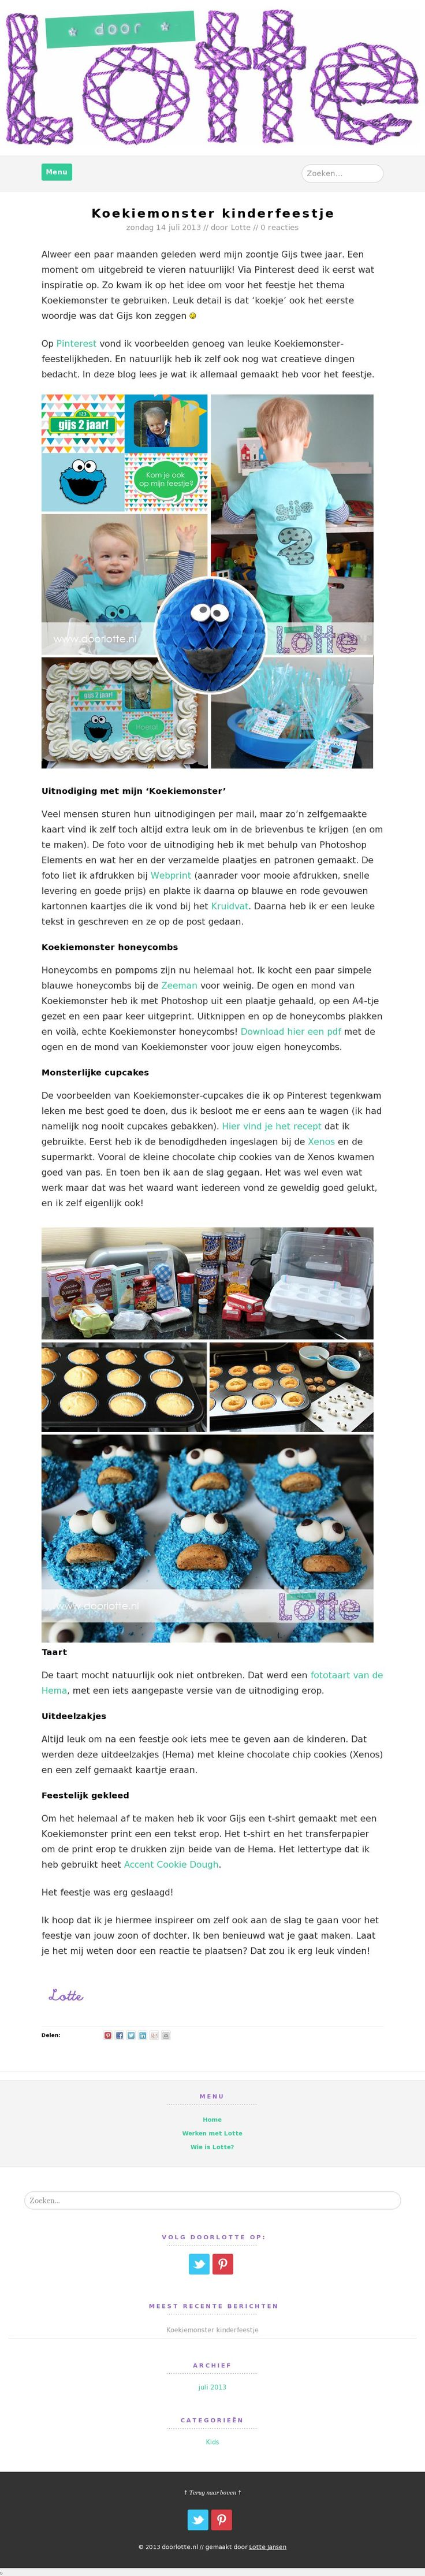 Mijn eigen website is live!  Op www.doorlotte.nl deel ik al mijn creativiteit want van mooie dingen maken word ik blij!